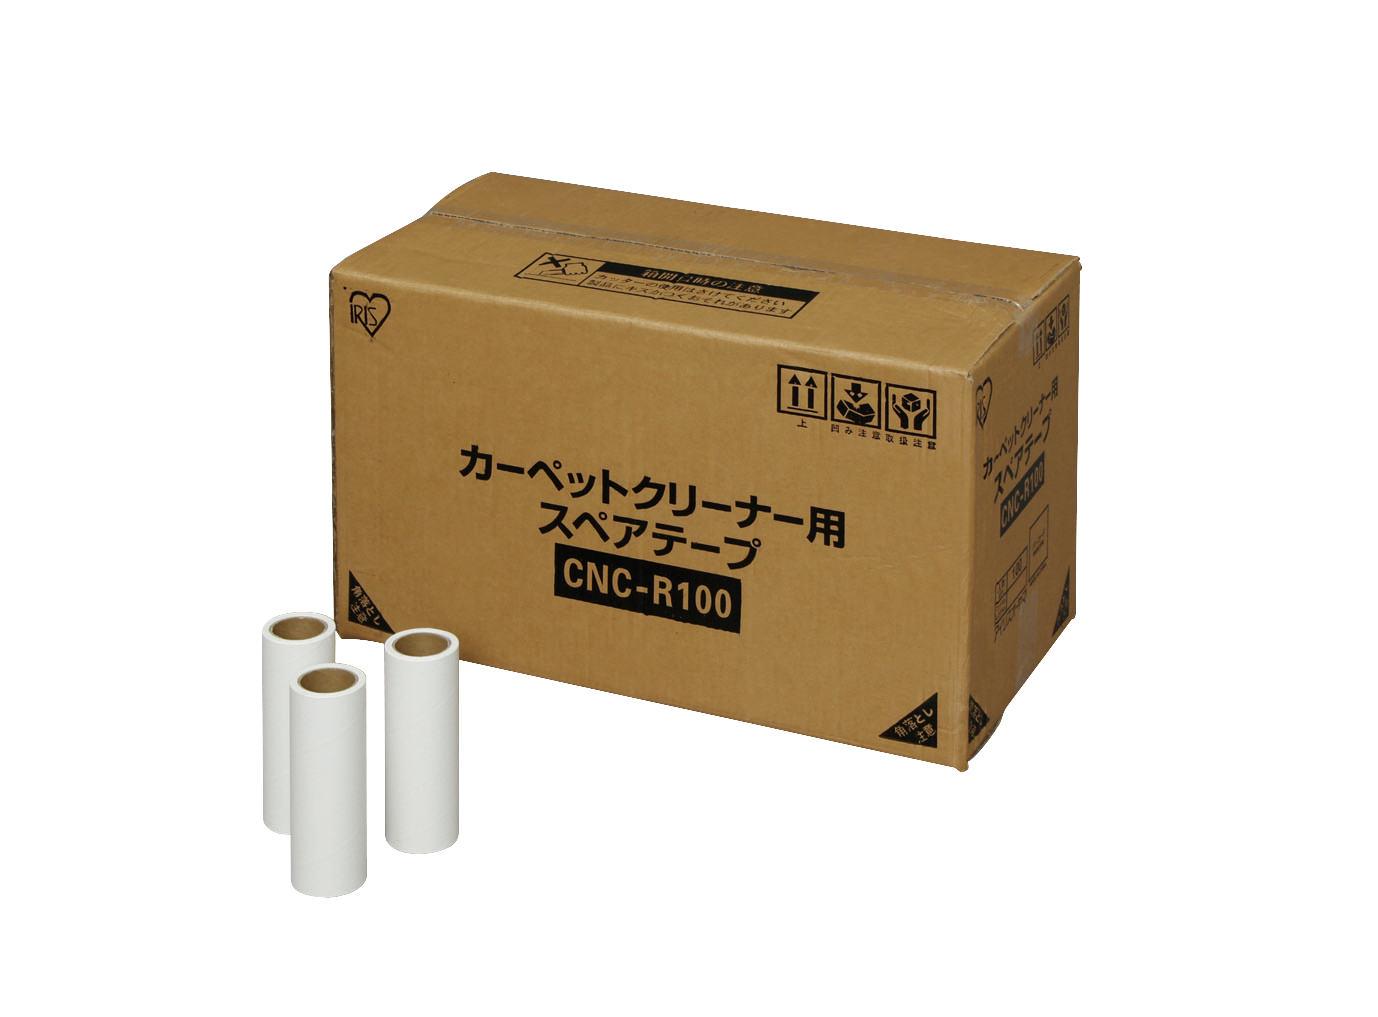 カーペットクリーナースペアテープ CNC-R100[KDYS]